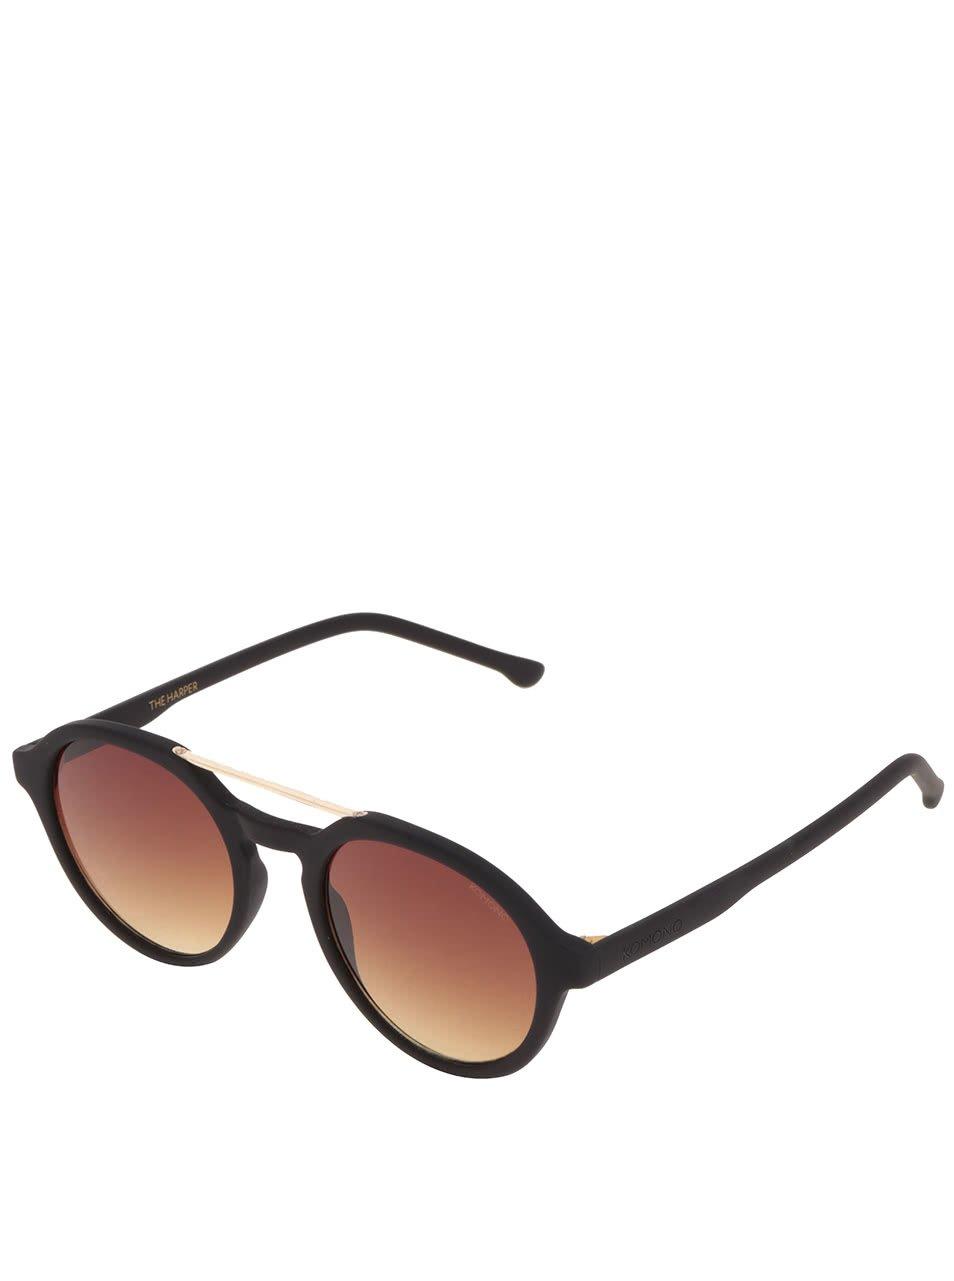 Černé unisex sluneční brýle Komono Harper